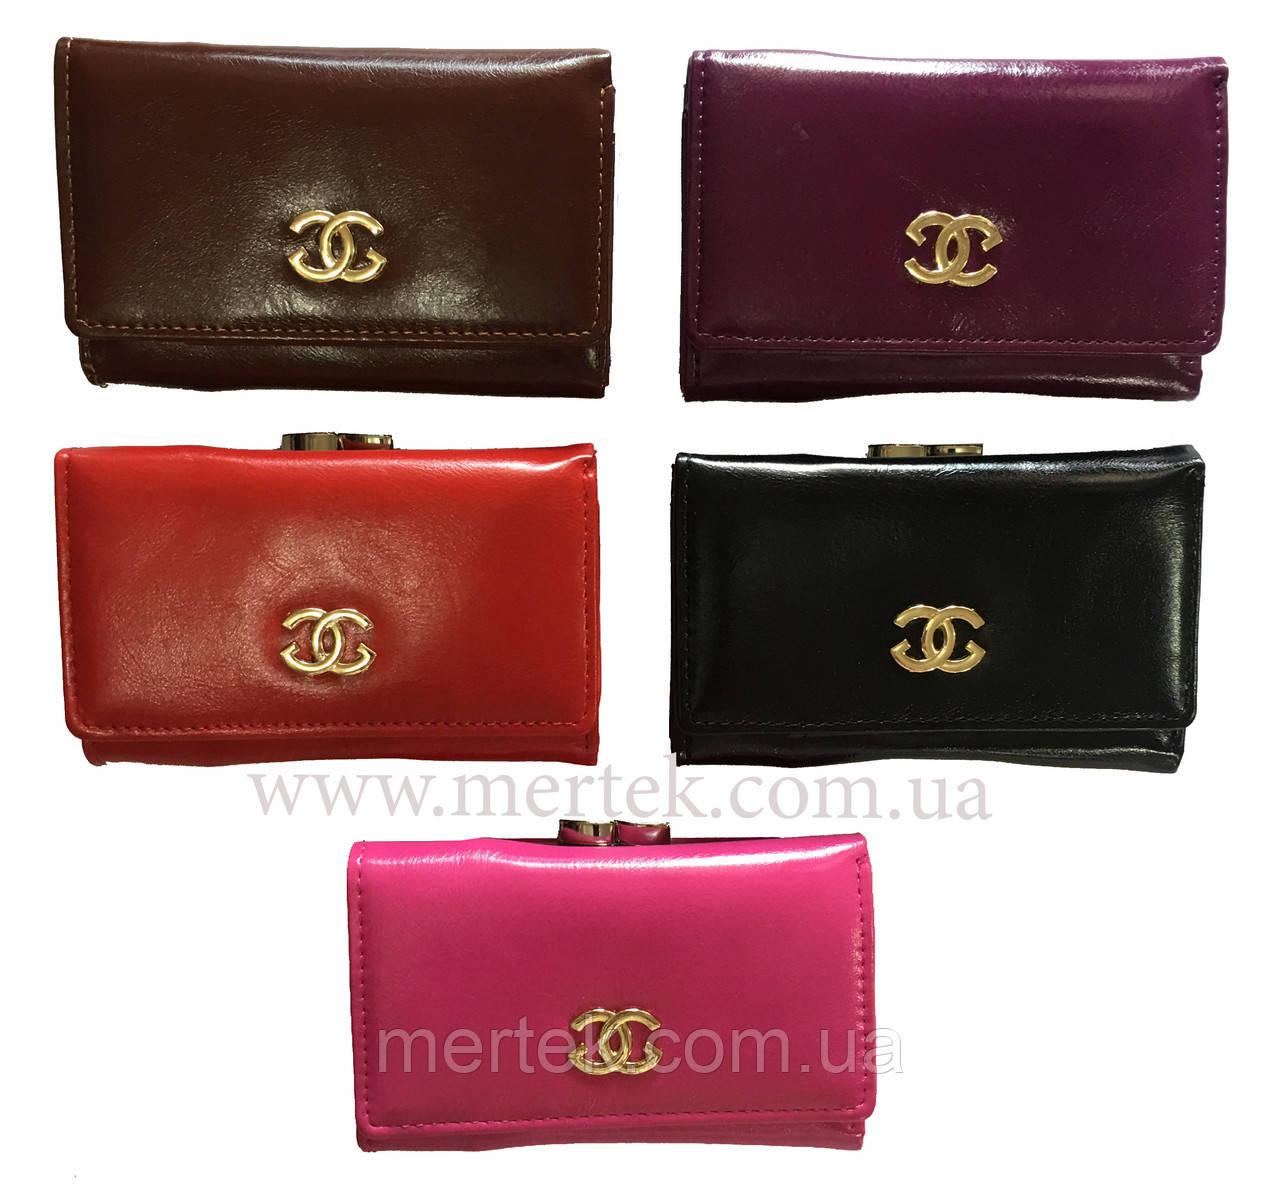 c3a4f0e9369d Средний женский кошелек шанель : продажа, цена в Одессе. кошельки и ...